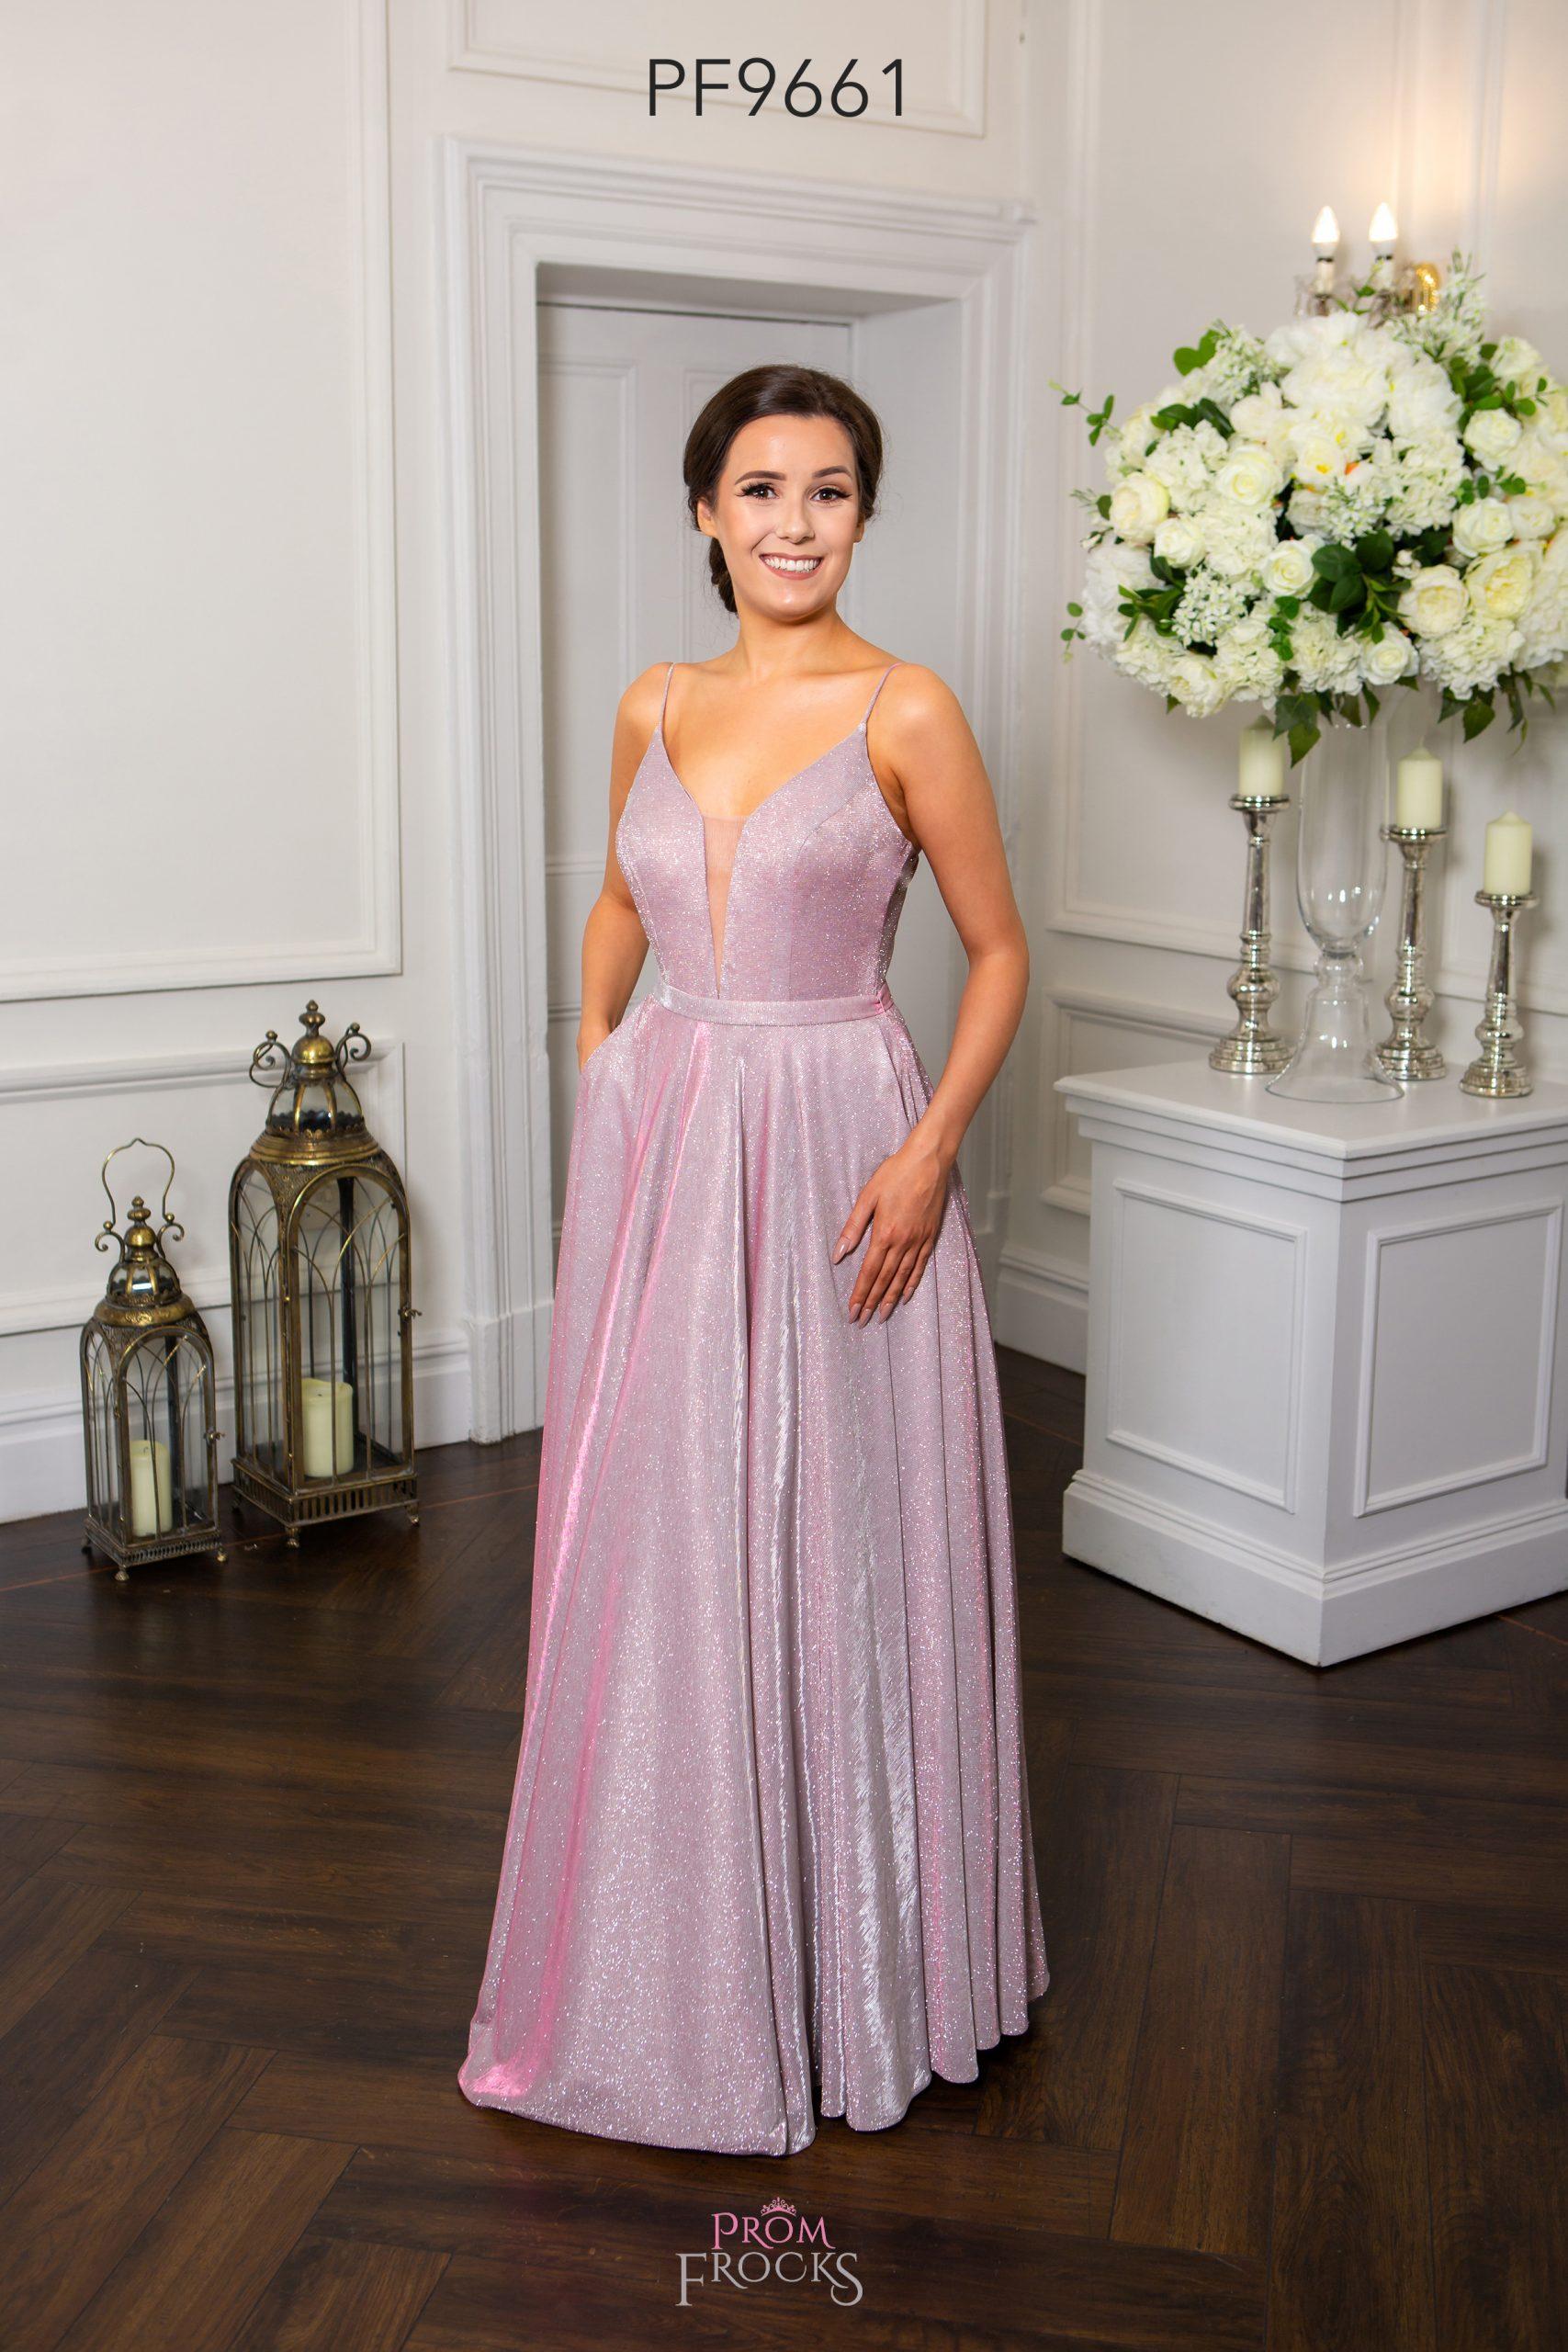 PF9709 PINK PROM/EVENING DRESS - Prom Frocks UK Prom Dresses